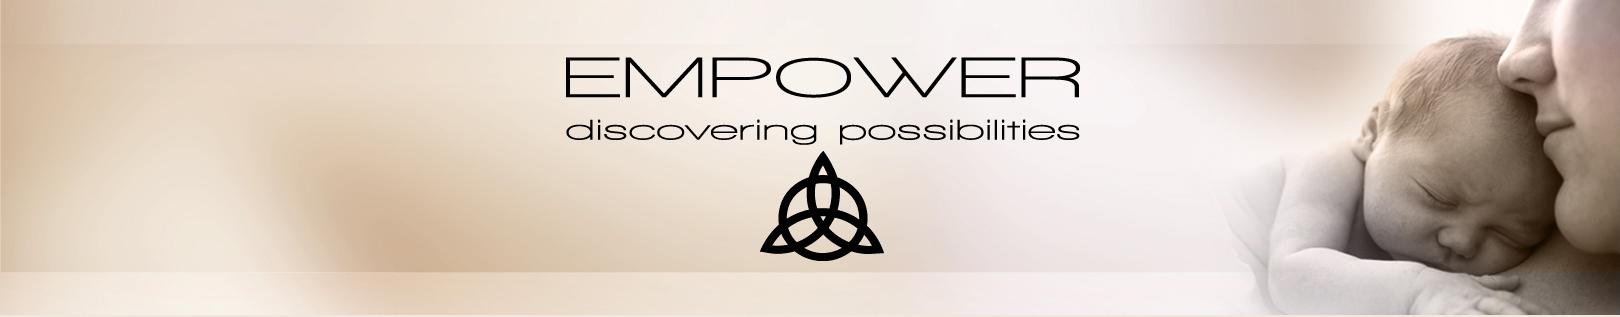 Serenity_bf_empower_banner